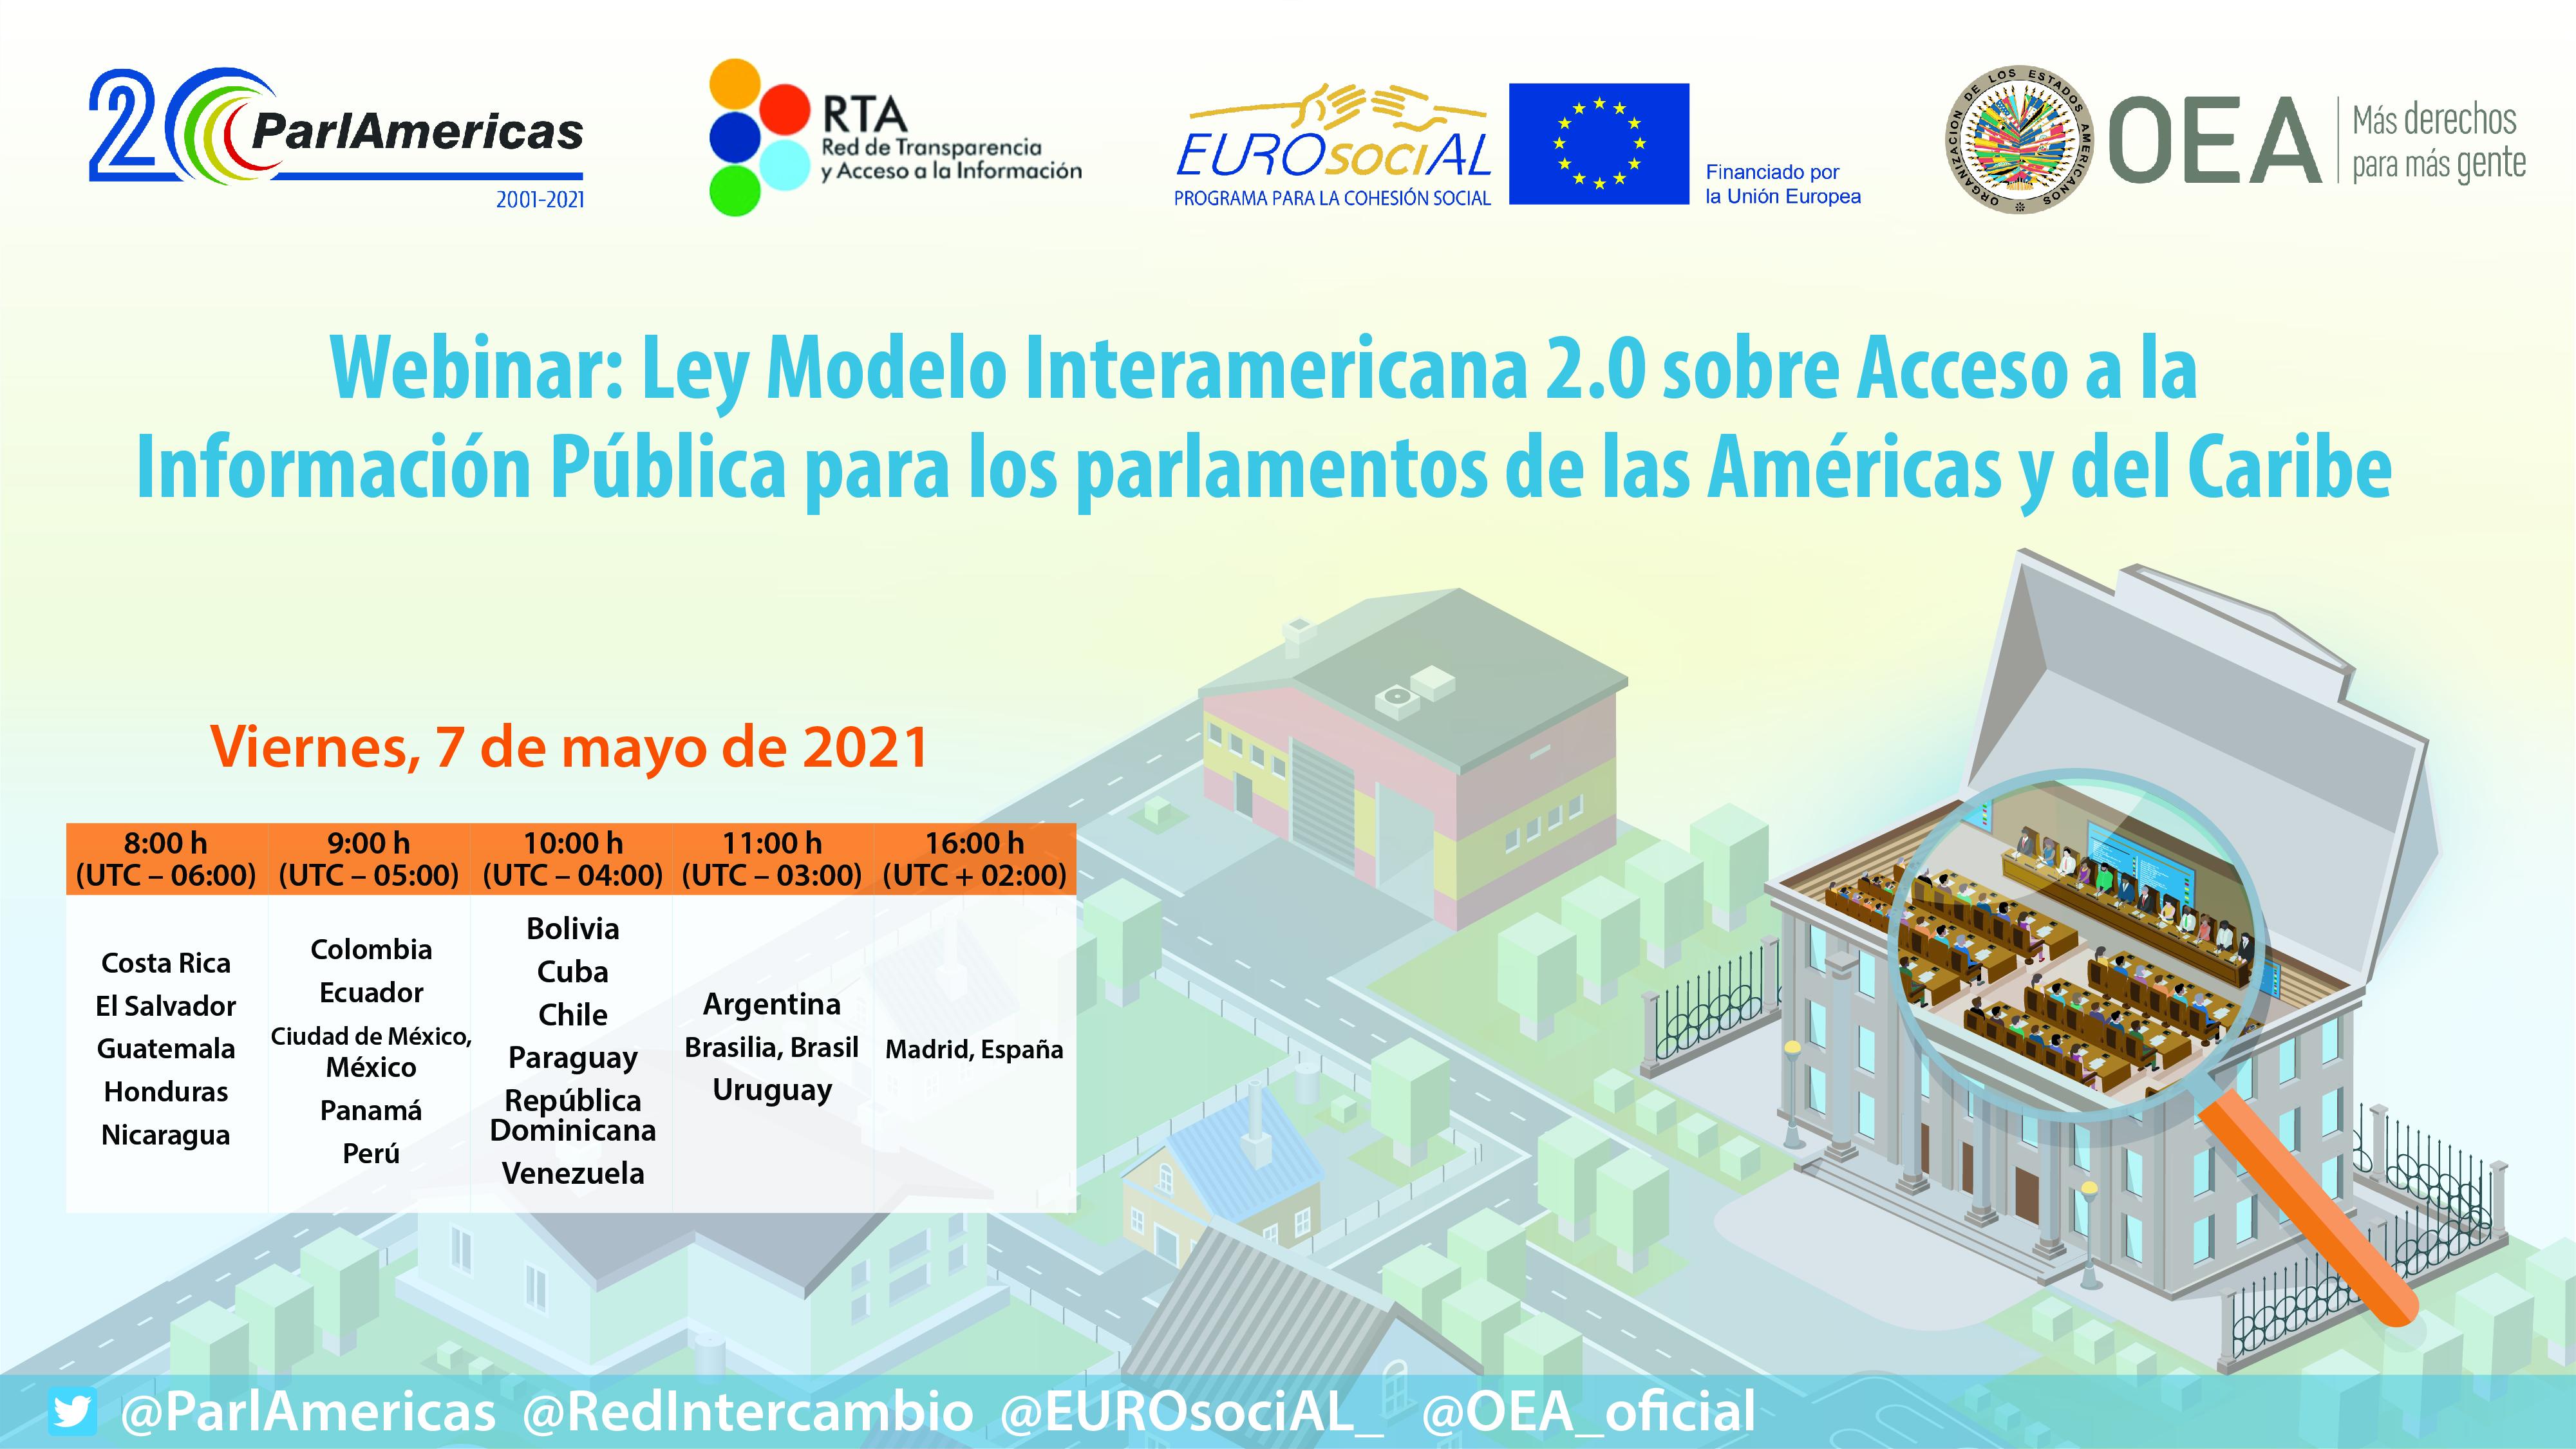 Ley Modelo Interamericana 2.0 sobre Acceso a la Información Pública para los parlamentos de las Américas y del Caribe